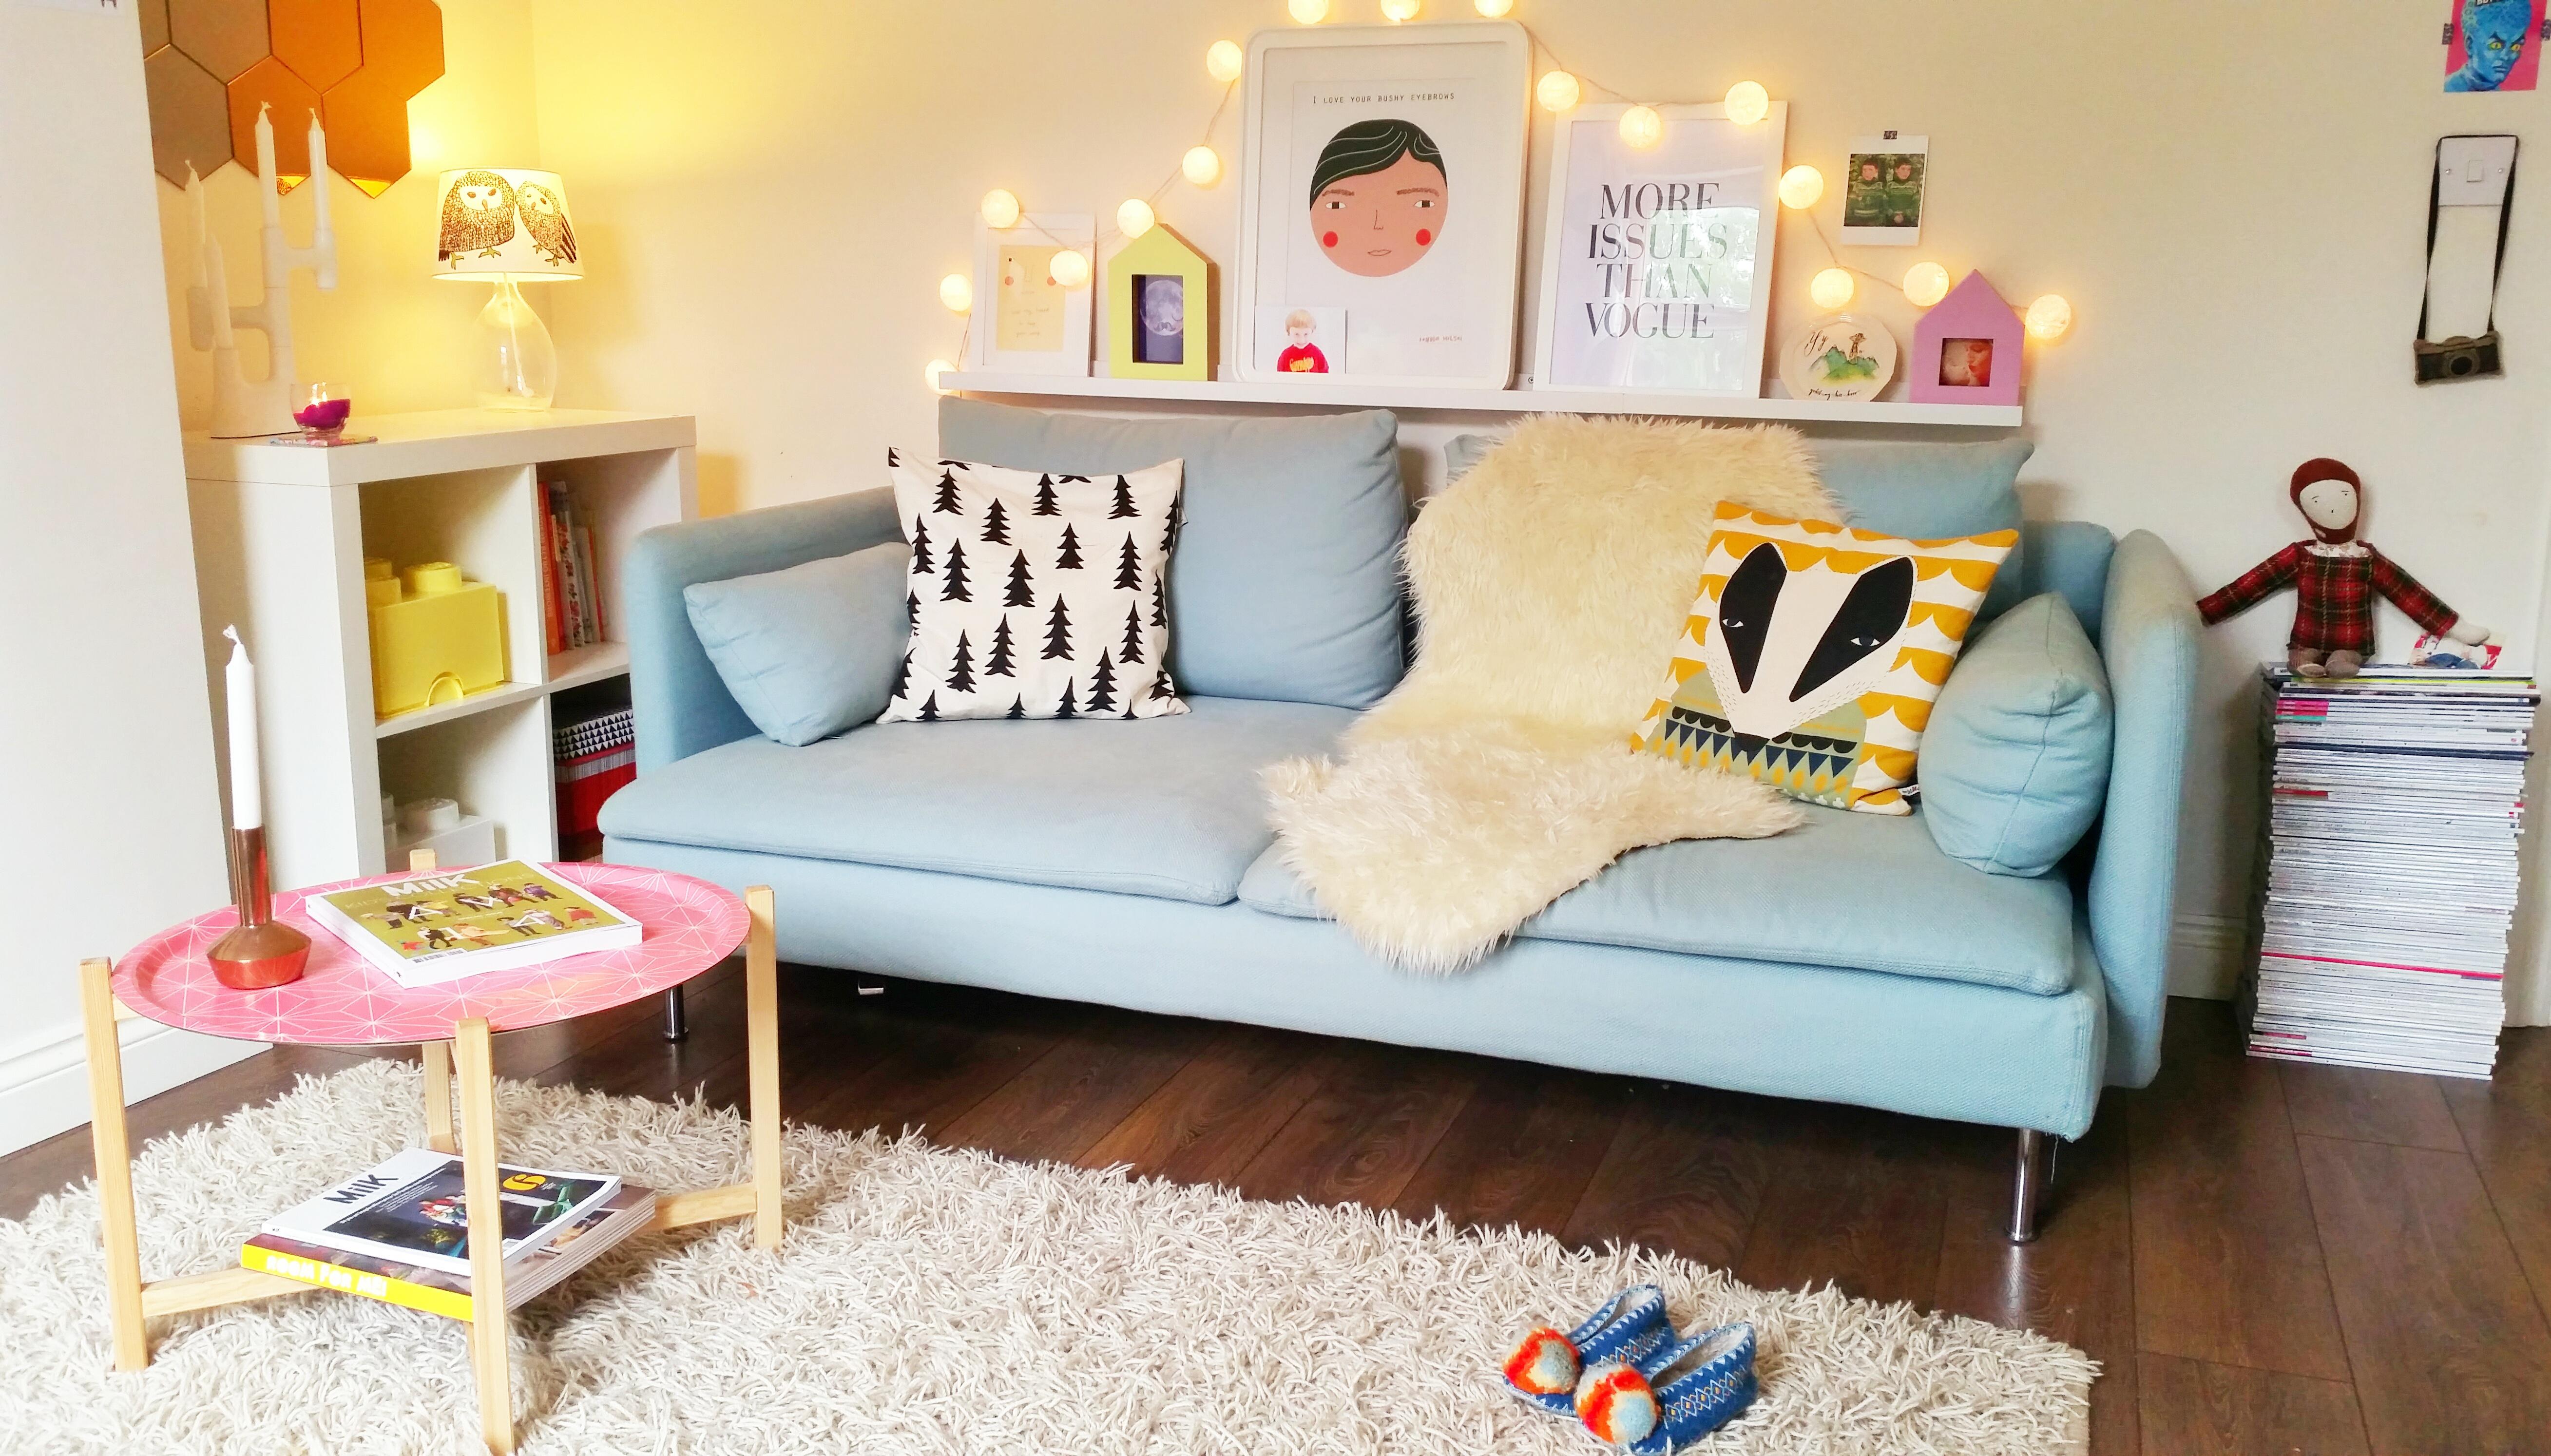 Детские диваны (119 фото): выбираем диван-кровать в детскую комнату, популярные модели: кушетка, софа, тахта 867